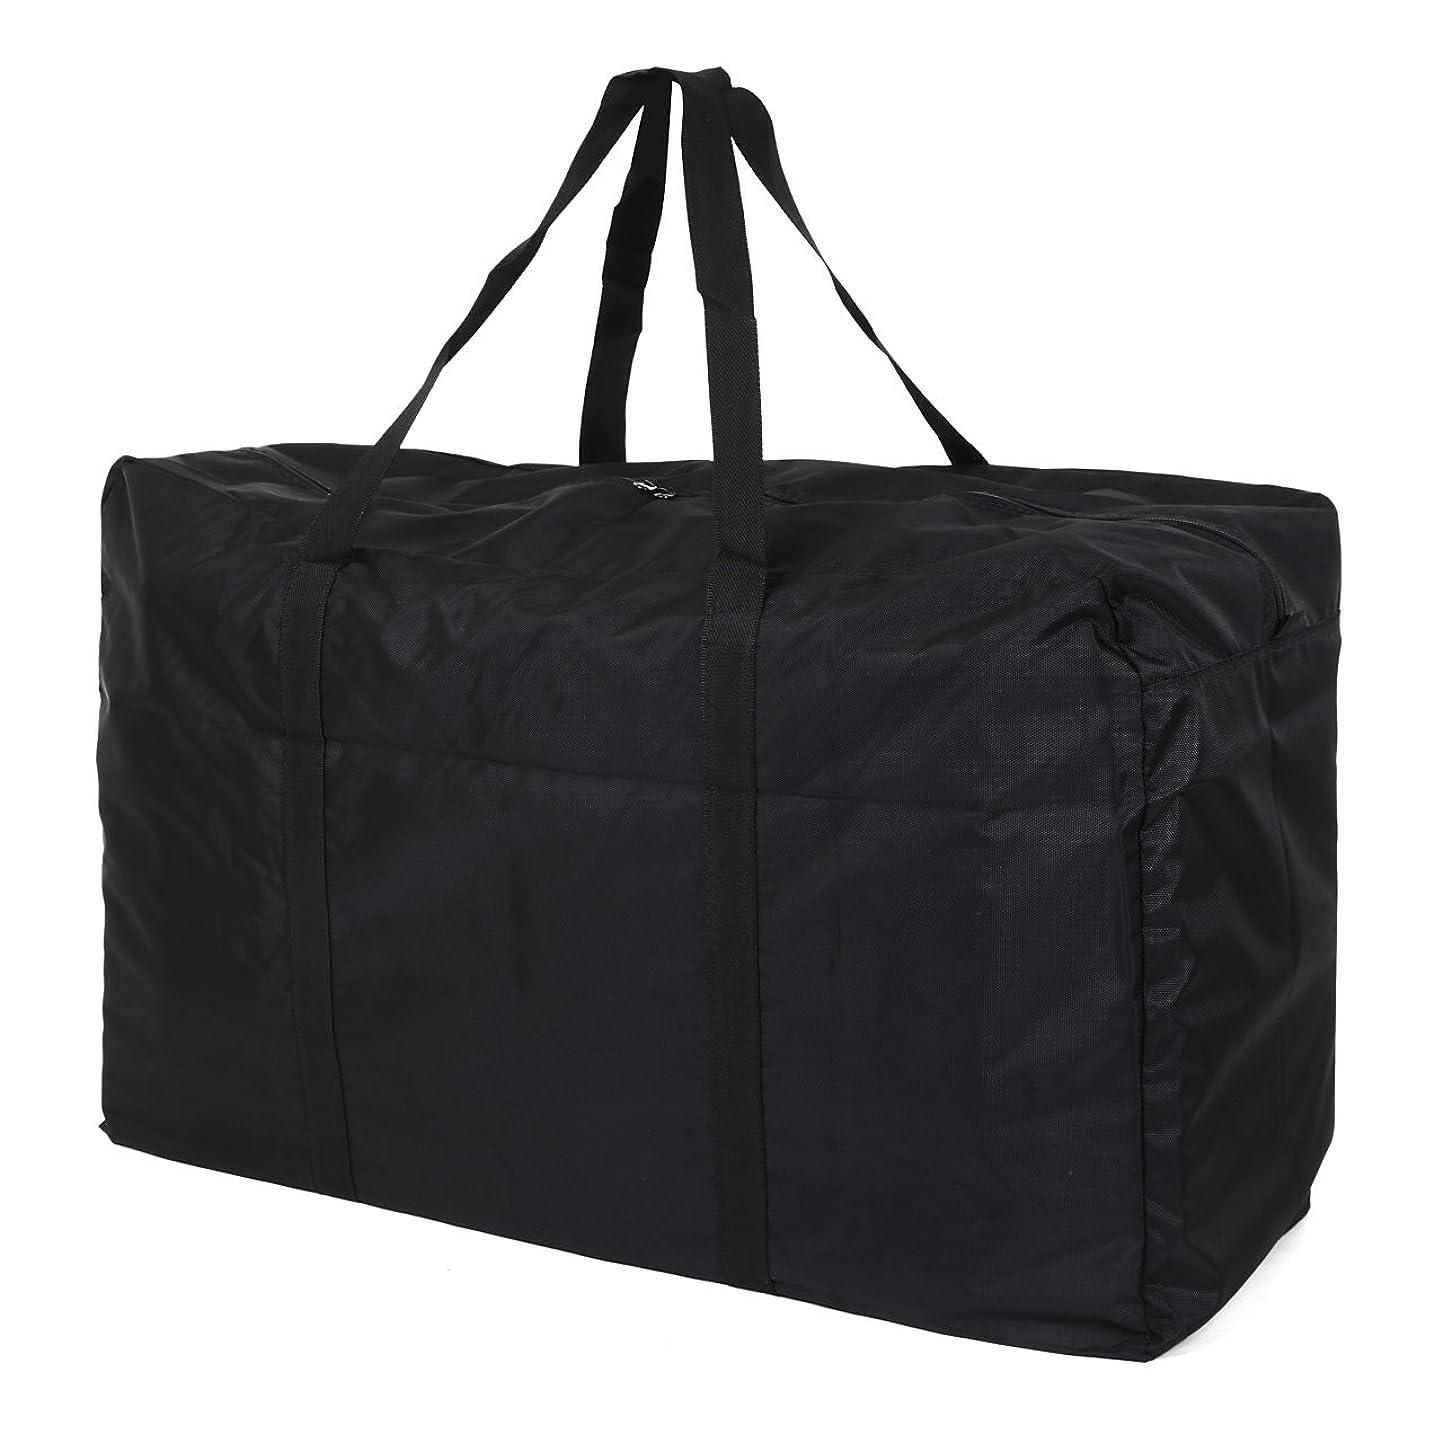 書き出す比類のないマットレスミウォルナ 大型バッグ 大きいバッグ 最大サイズ 140L 折り畳み キャリーバッグ ボストンバッグ アウトドア 引っ越しバッグ 布団収納ケース